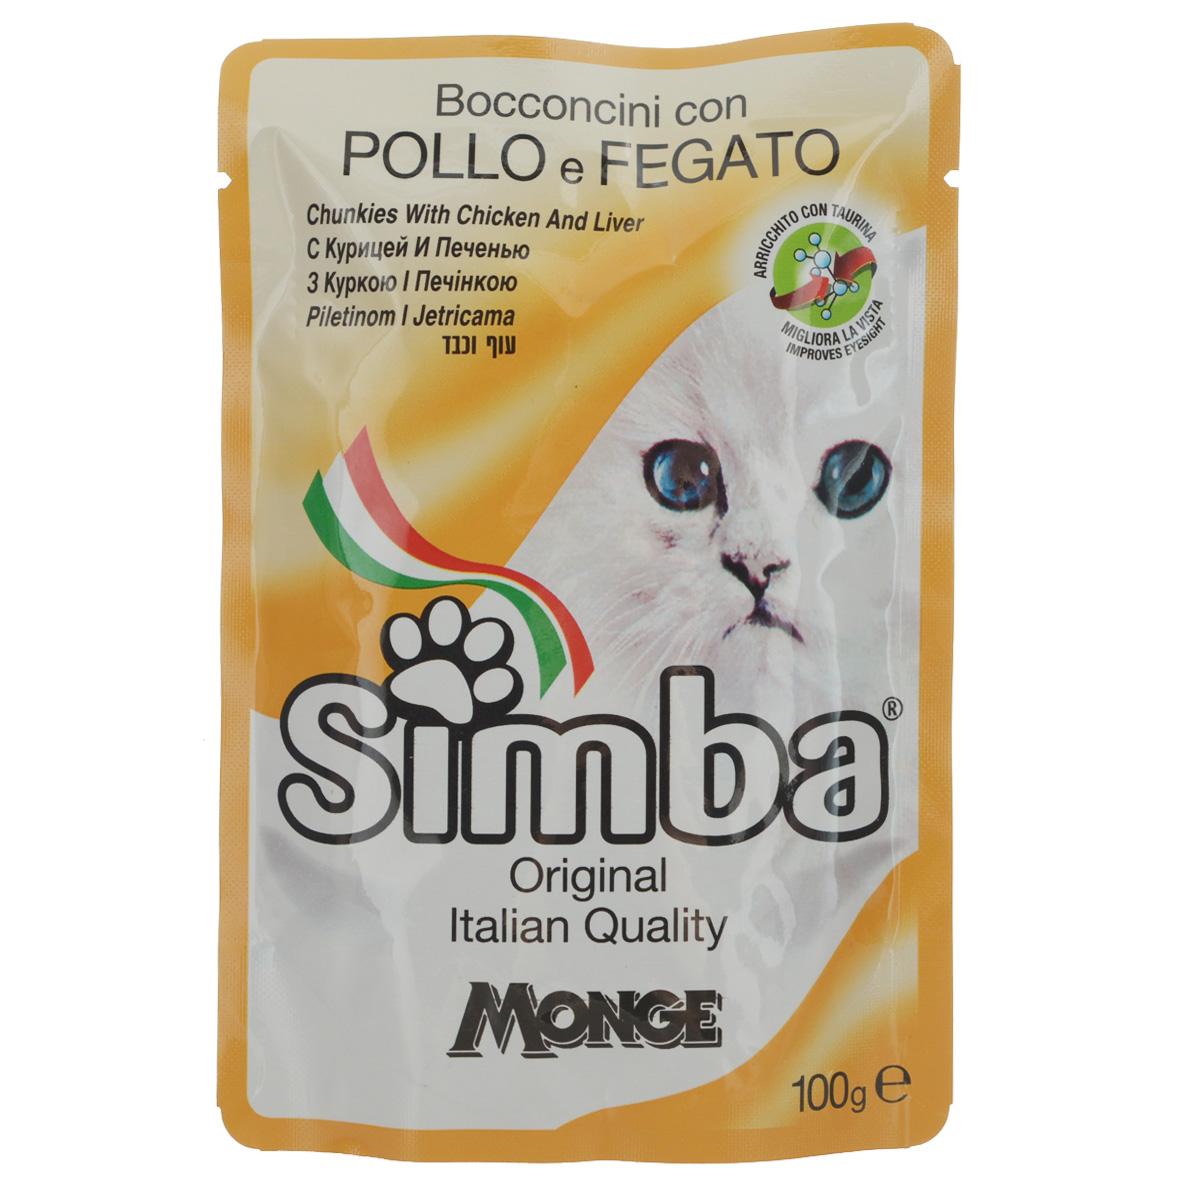 Консервы Monge Simba для взрослых кошек, с курицей и печенью, 100 г70009355Консервы Monge Simba для взрослых кошек тщательно приготовлены из итальянского мяса. Без добавления консервантов и антиоксидантов. Экологически чистое производство гарантирует высочайшее качество и длительные сроки хранения консервов. Тщательный отбор сырья и содержащийся в нем полный набор витаминов и микроэлементов обеспечивает отличную усвояемость и отсутствие проблем с пищеварением у ваших любимых питомцев. Состав: мясо и мясные субпродукты 33%, (мясо курицы мин. 4,2%, печень мин. 4,2%), минеральные вещества, витамины. Пищевая ценность: протеин 8,0%, жир 5,0%, зола 2,2%, клетчатка 1,0%, влажность 82%. Витамины: витамин А 2000 МЕ/кг, витамин D3 200 МЕ/кг, витамин Е (альфа- токоферол 91%) 5 мг/кг. Товар сертифицирован.